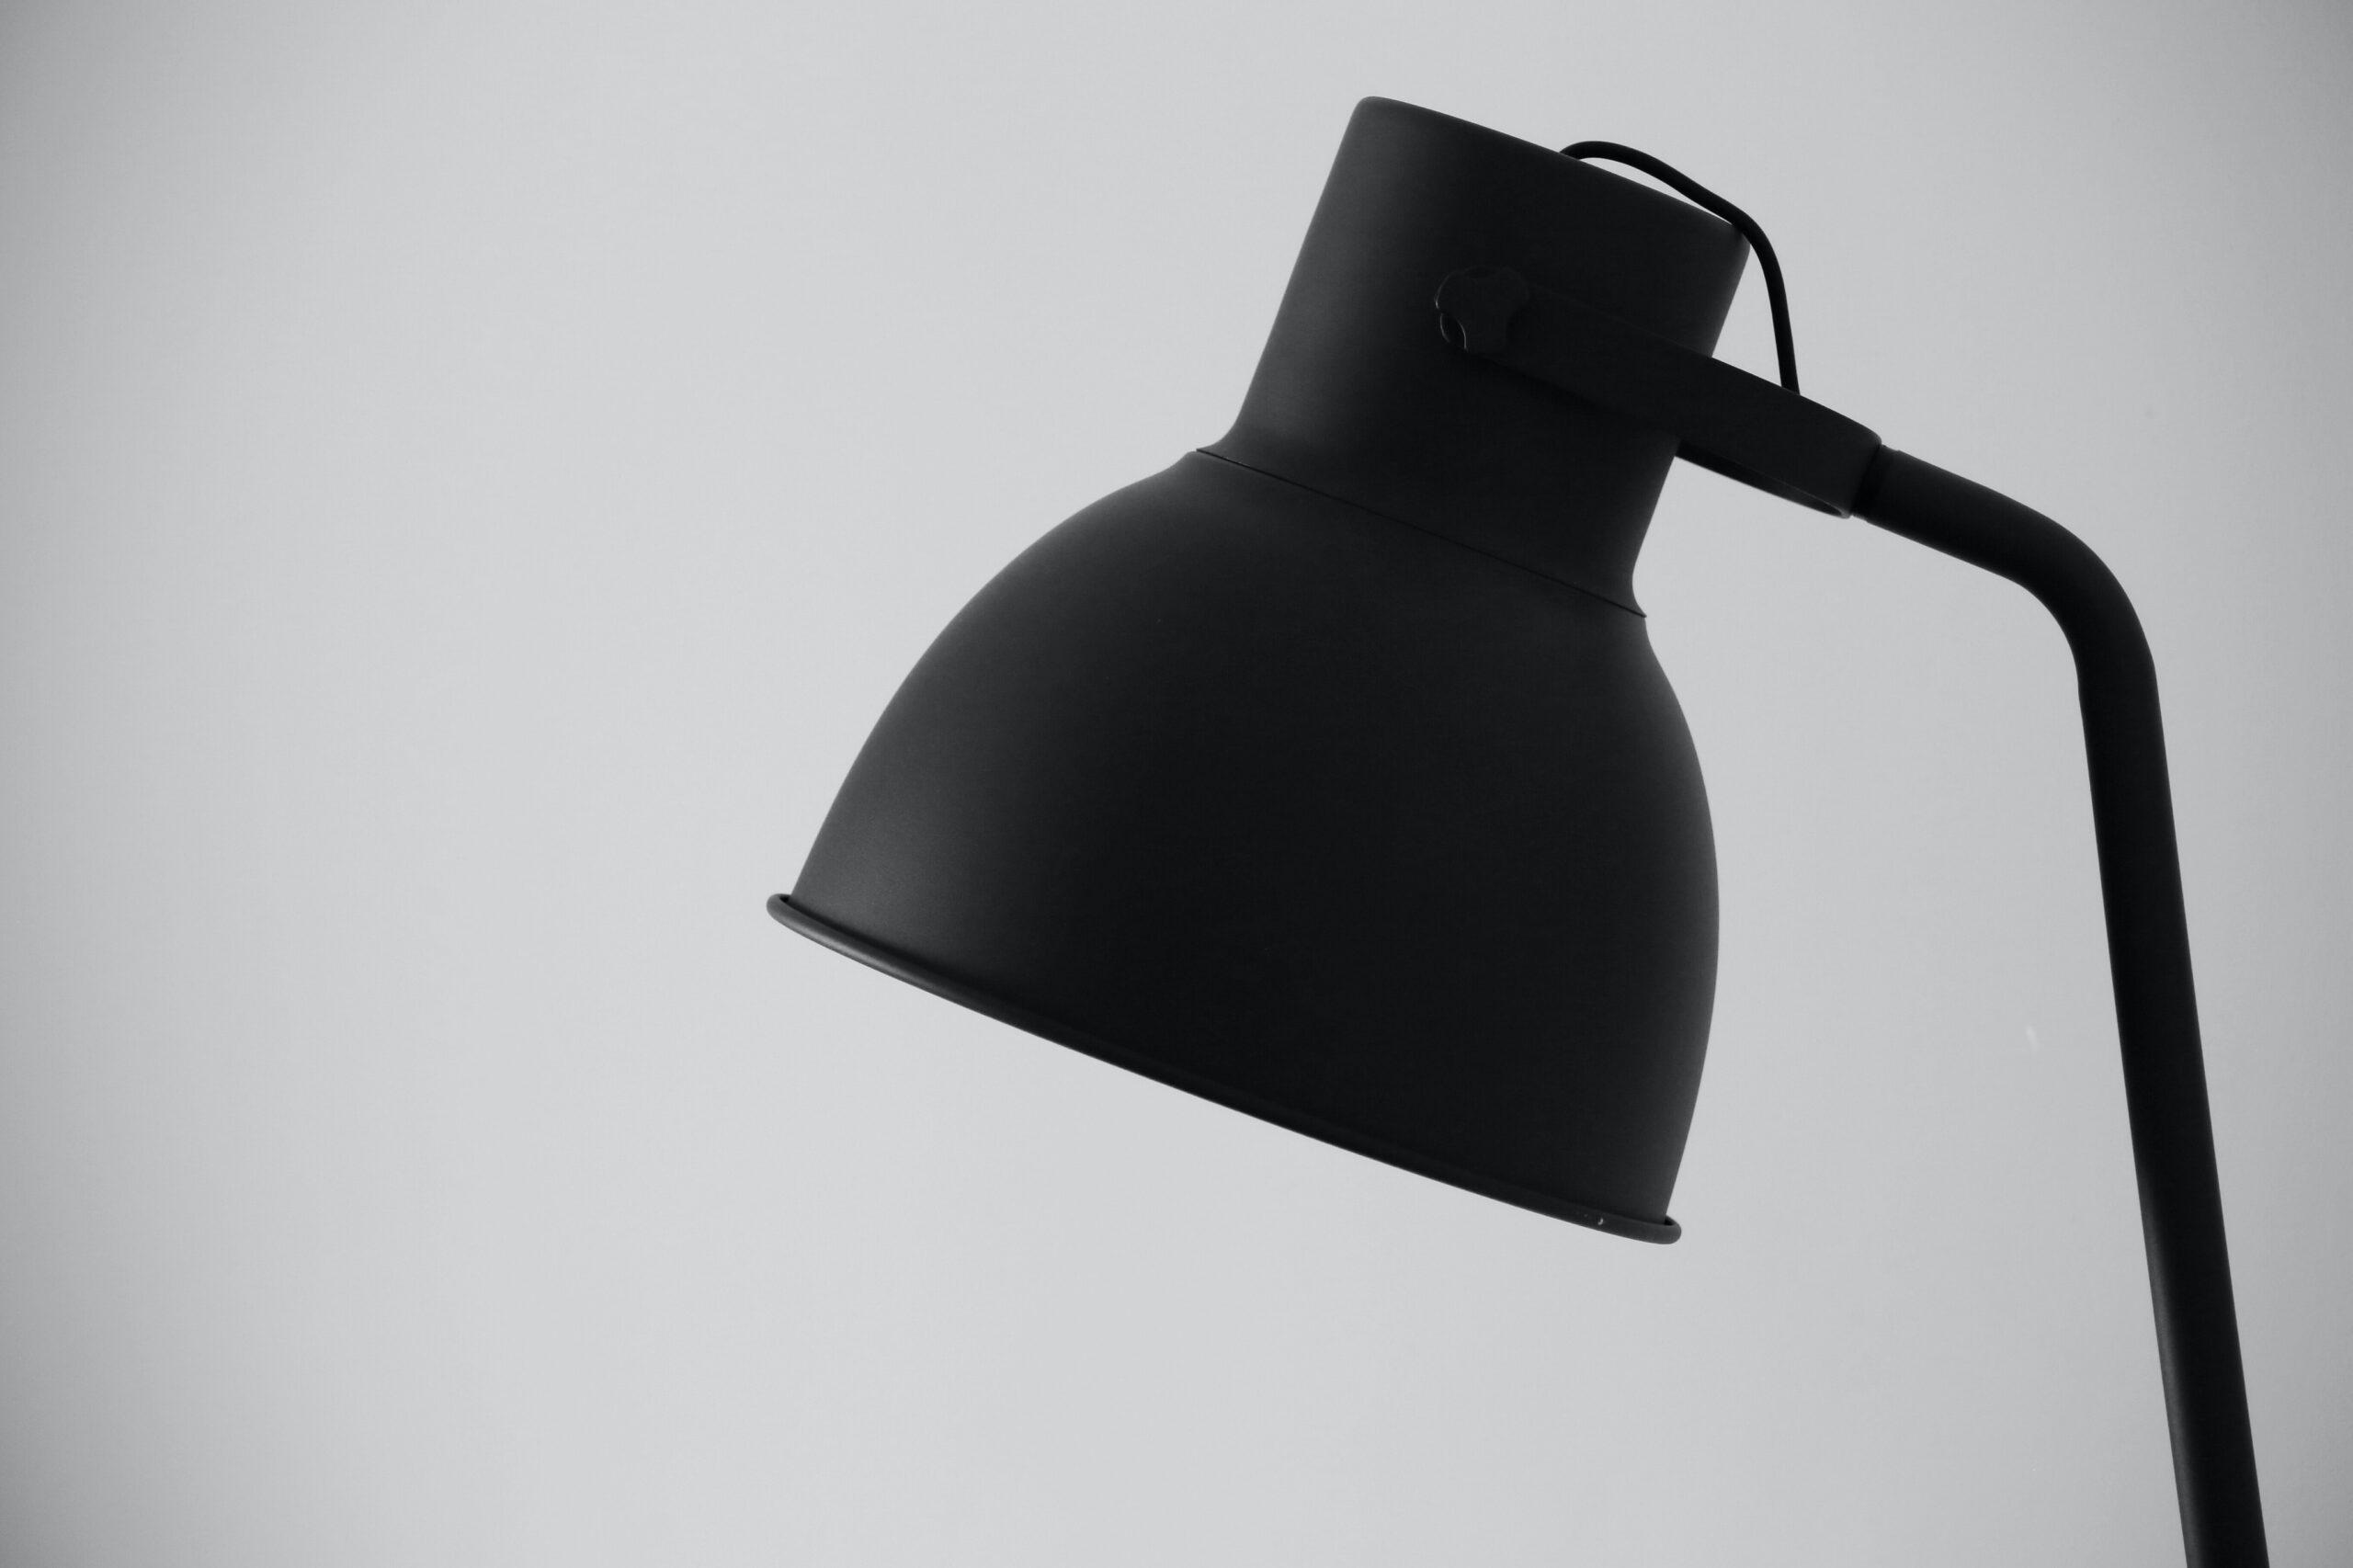 Schwarze Lampe Vorschau